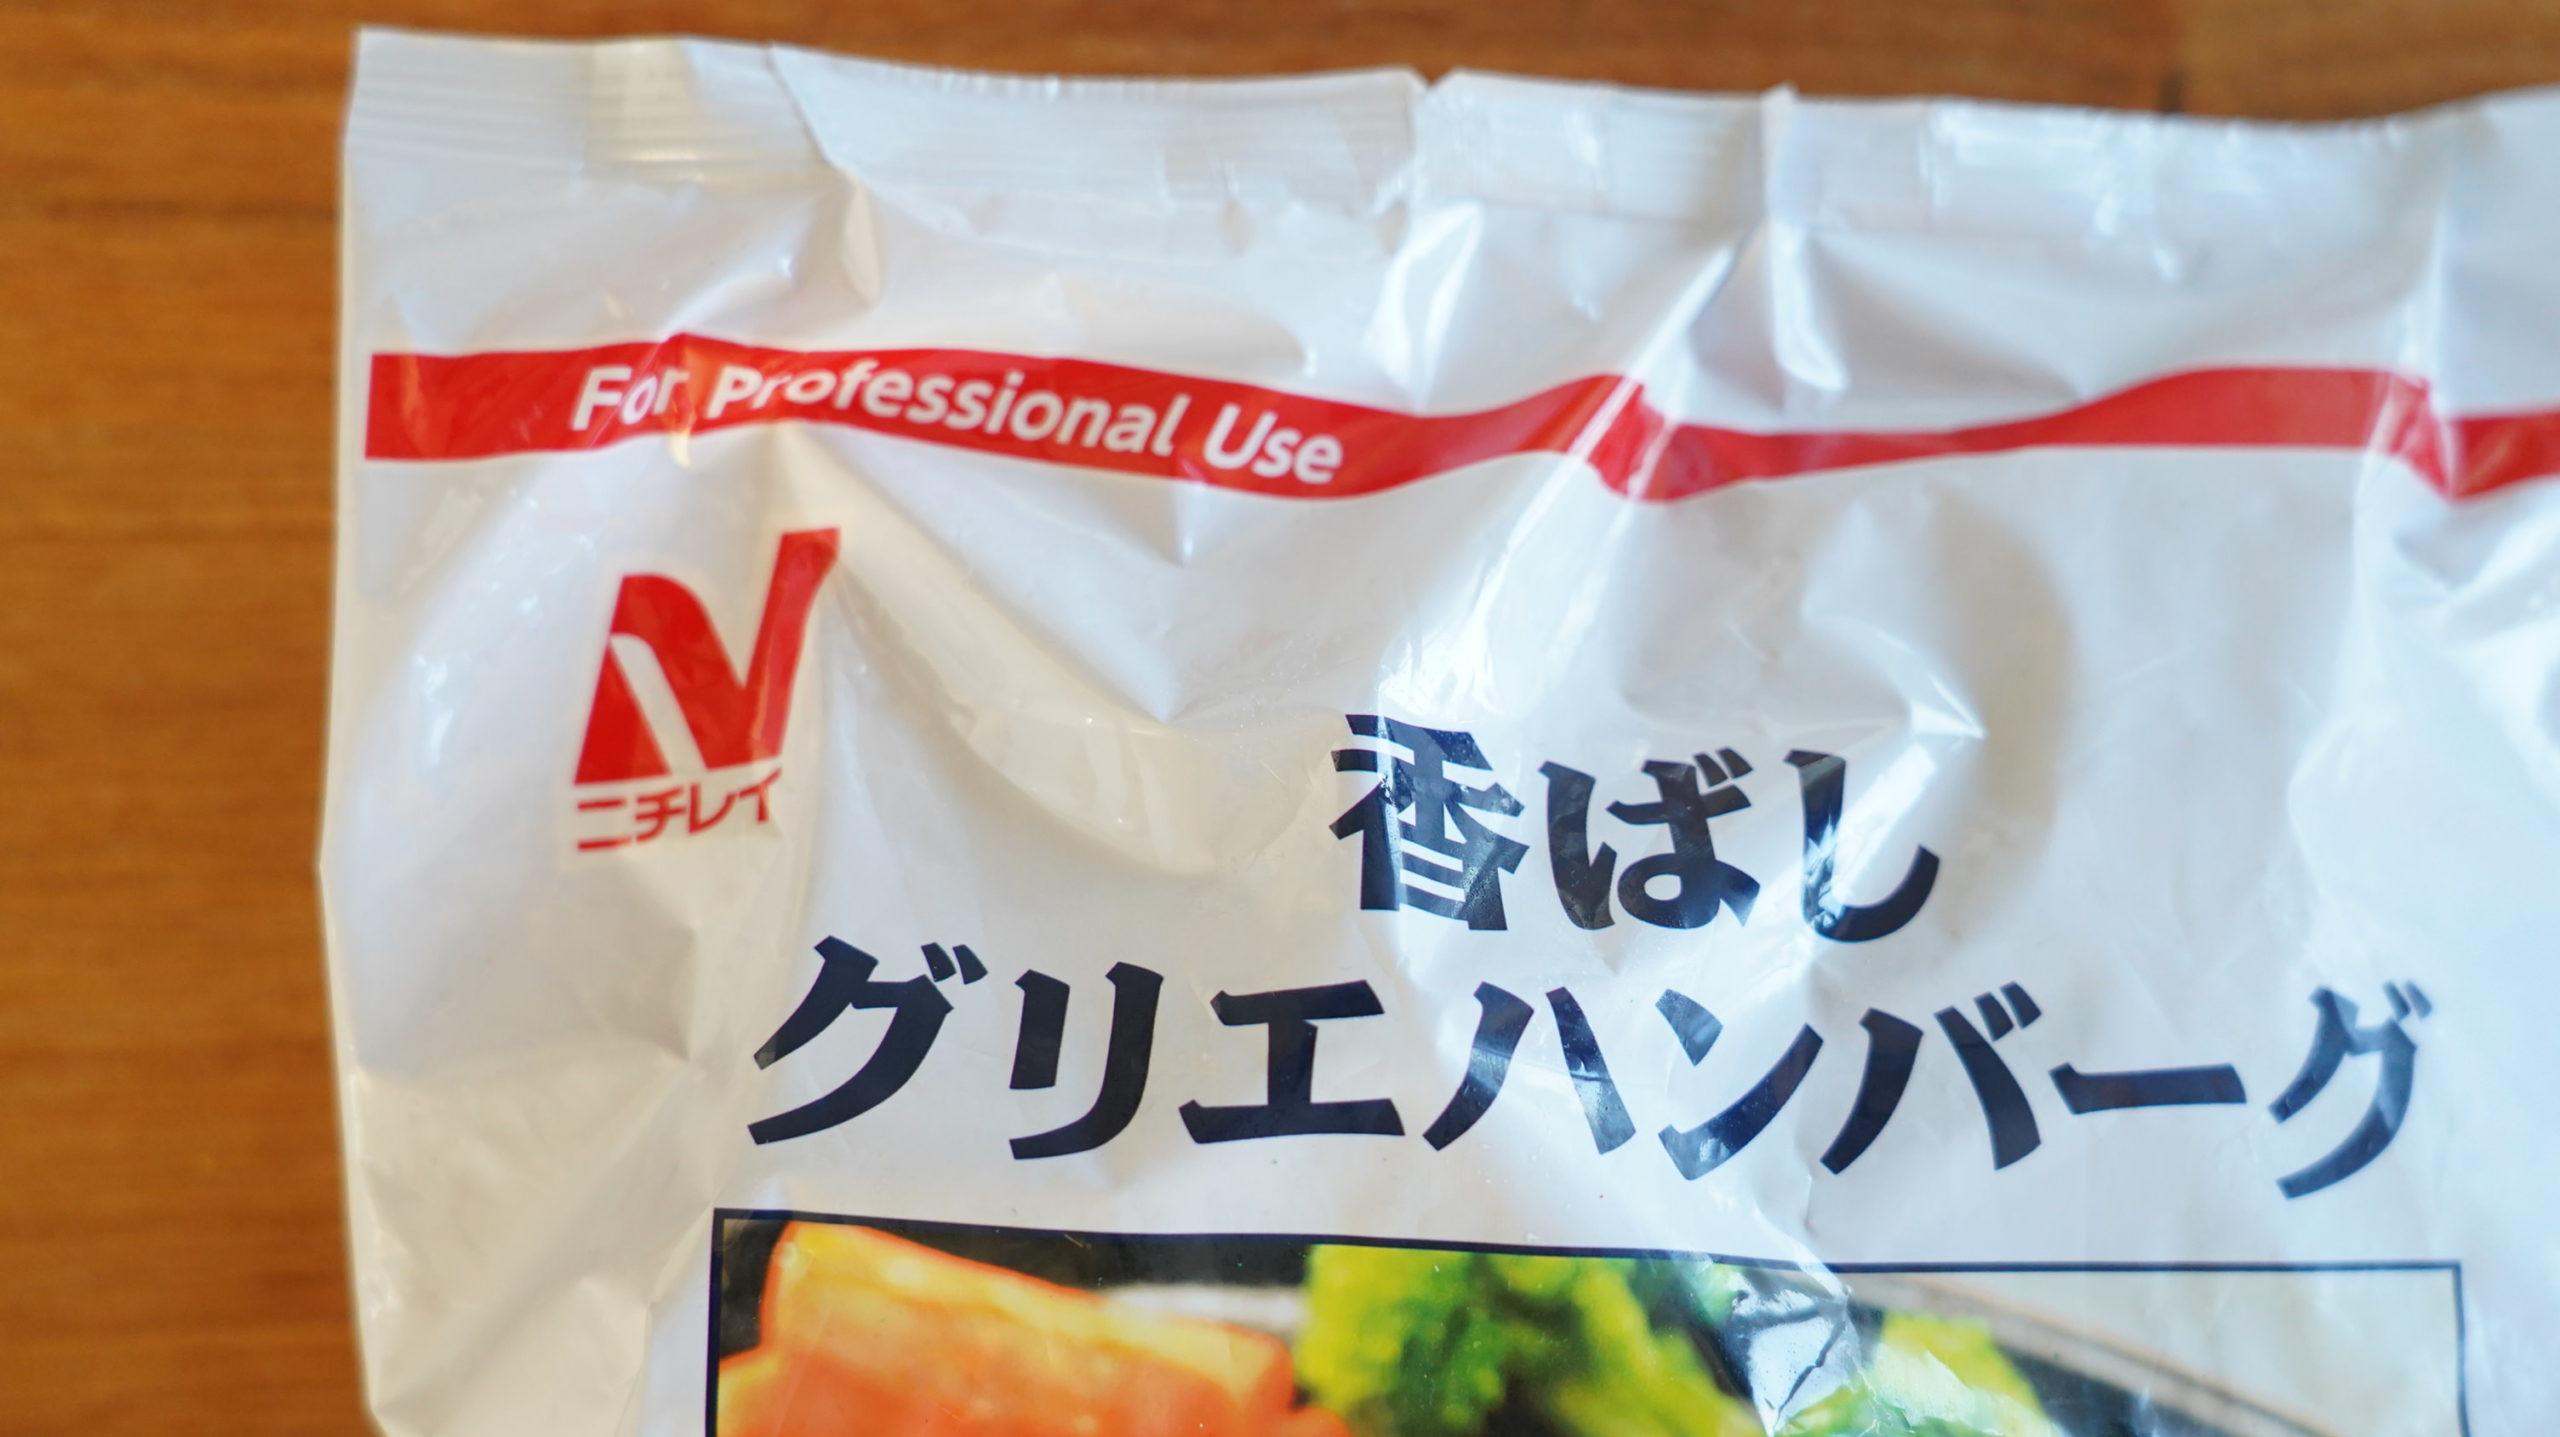 コストコの冷凍食品「香ばしグリエ・ハンバーグ」のパッケージのニチレイのロゴ